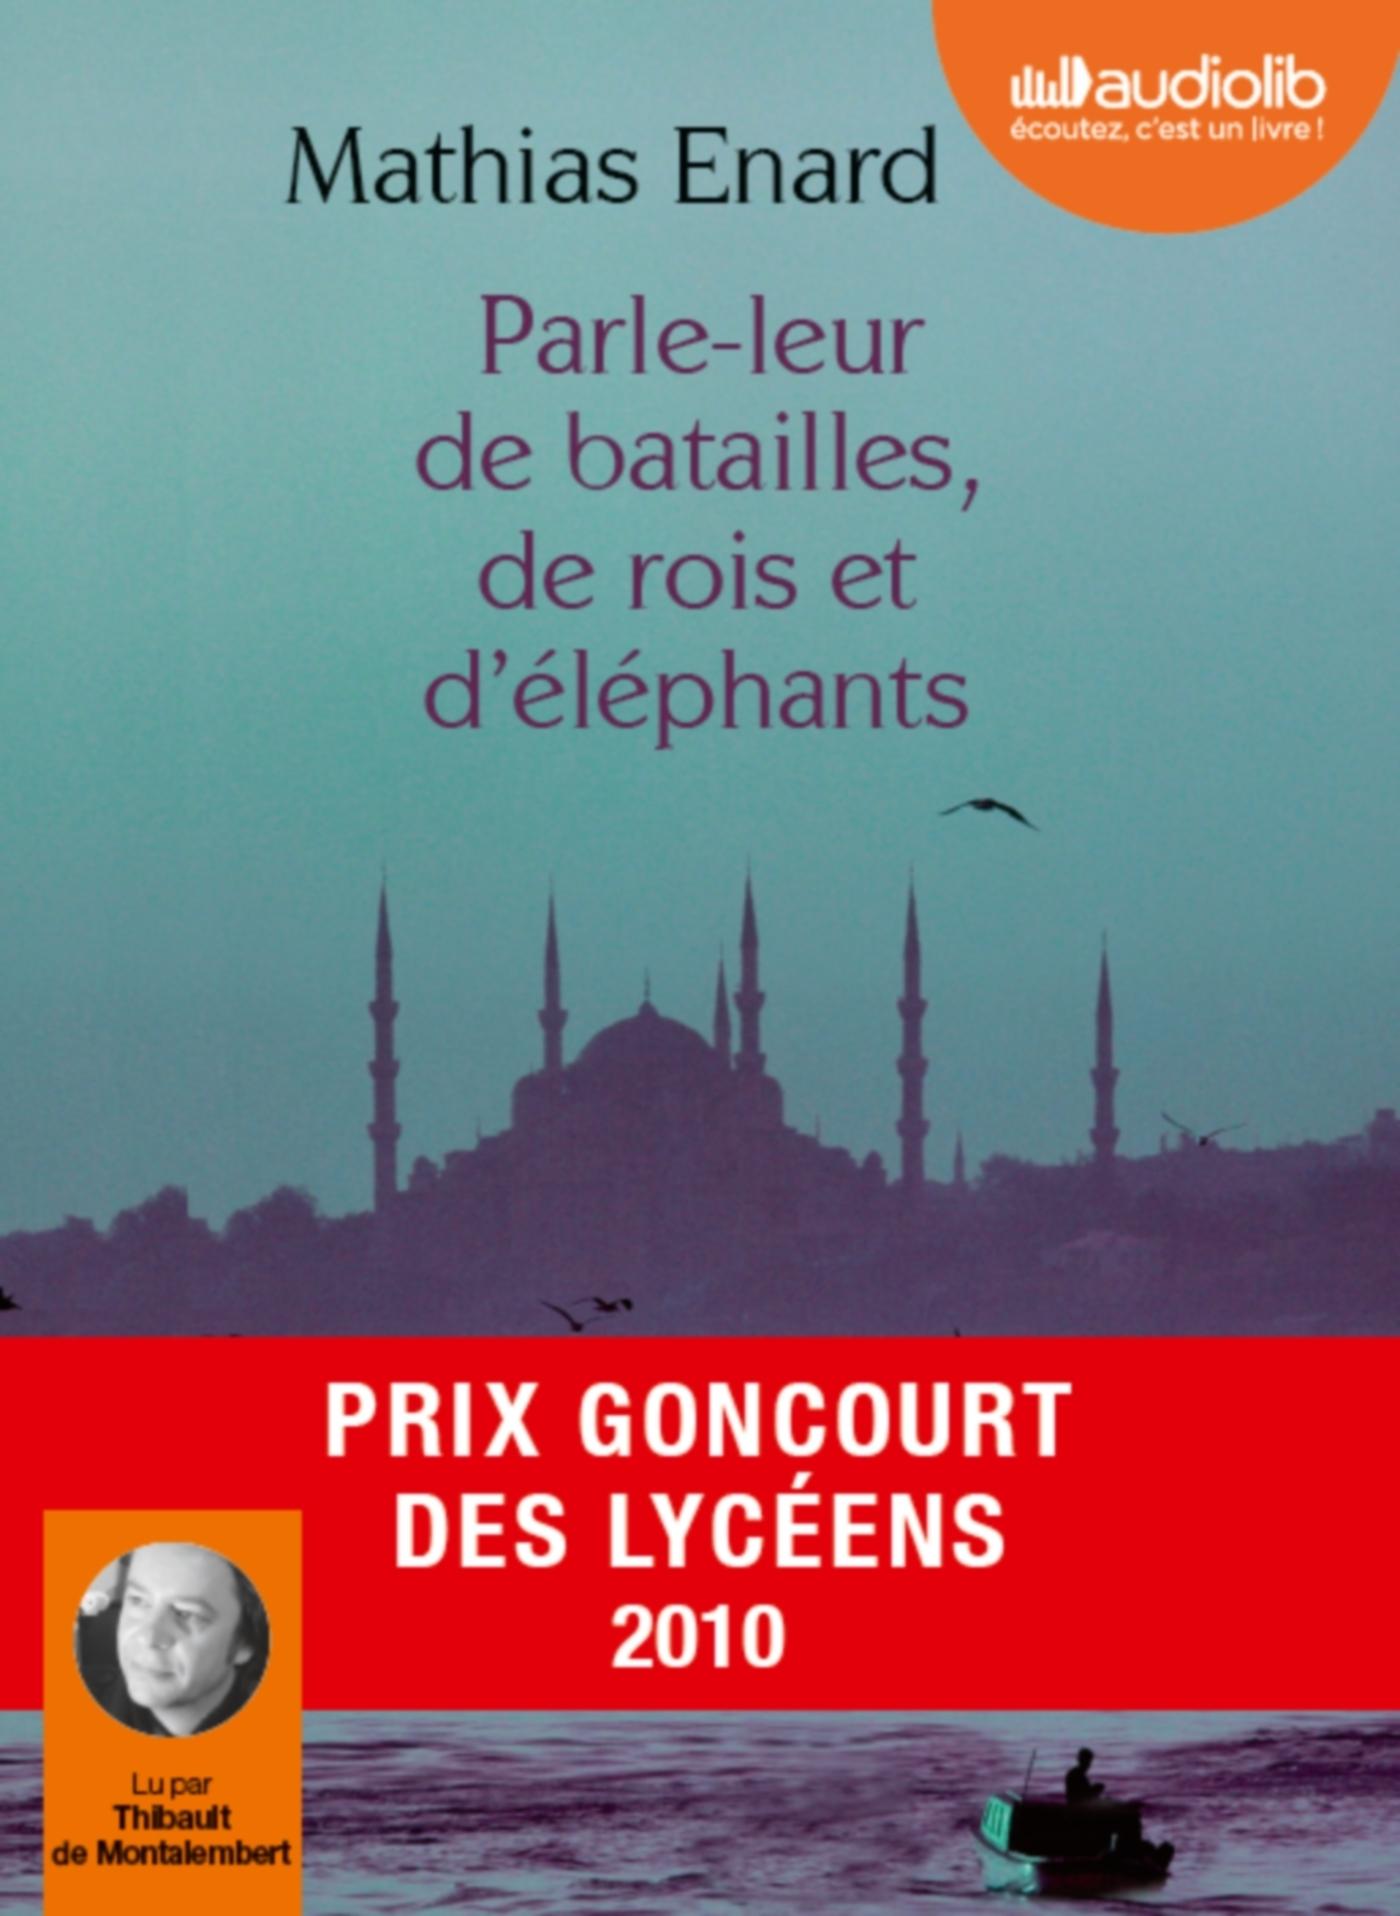 PARLE-LEUR DE BATAILLES DE ROIS ET D'ELEPHANTS - LIVRE AUDIO 1 CD MP3 - SUIVI D'UN ENTRETIEN AVEC L'